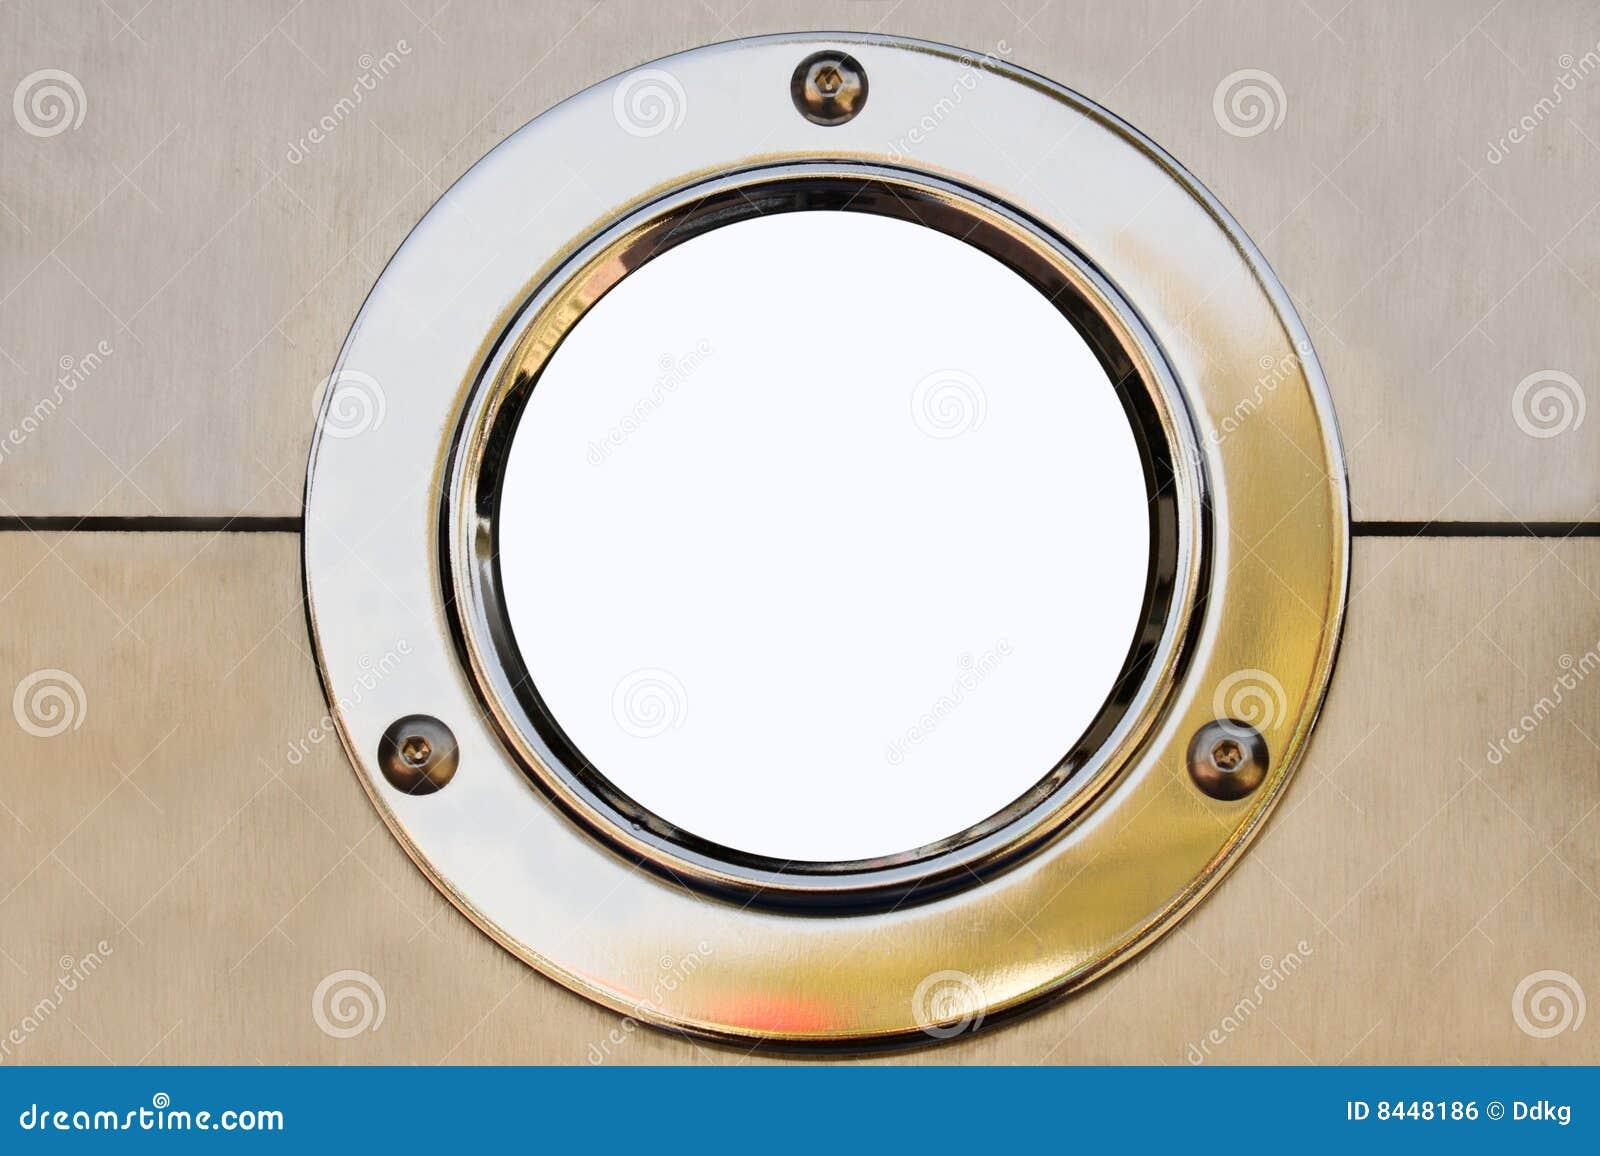 Cerchio con un potenziale